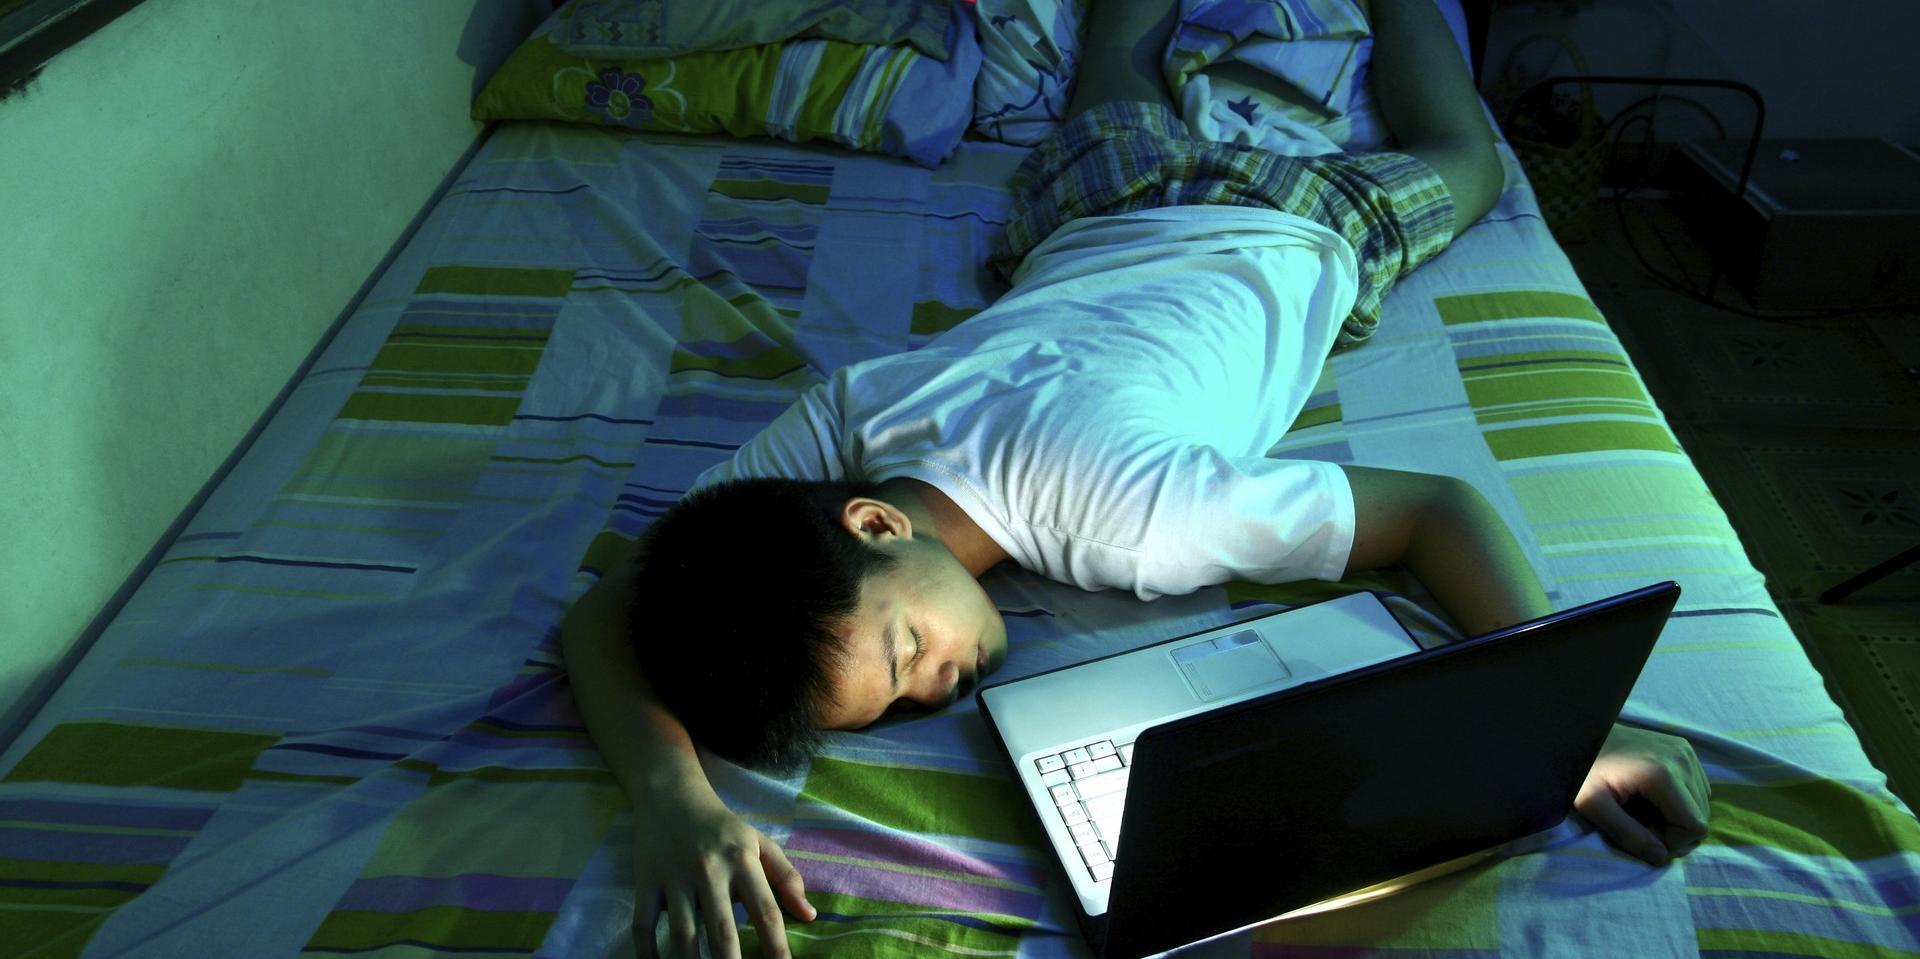 Manque sommeil ado